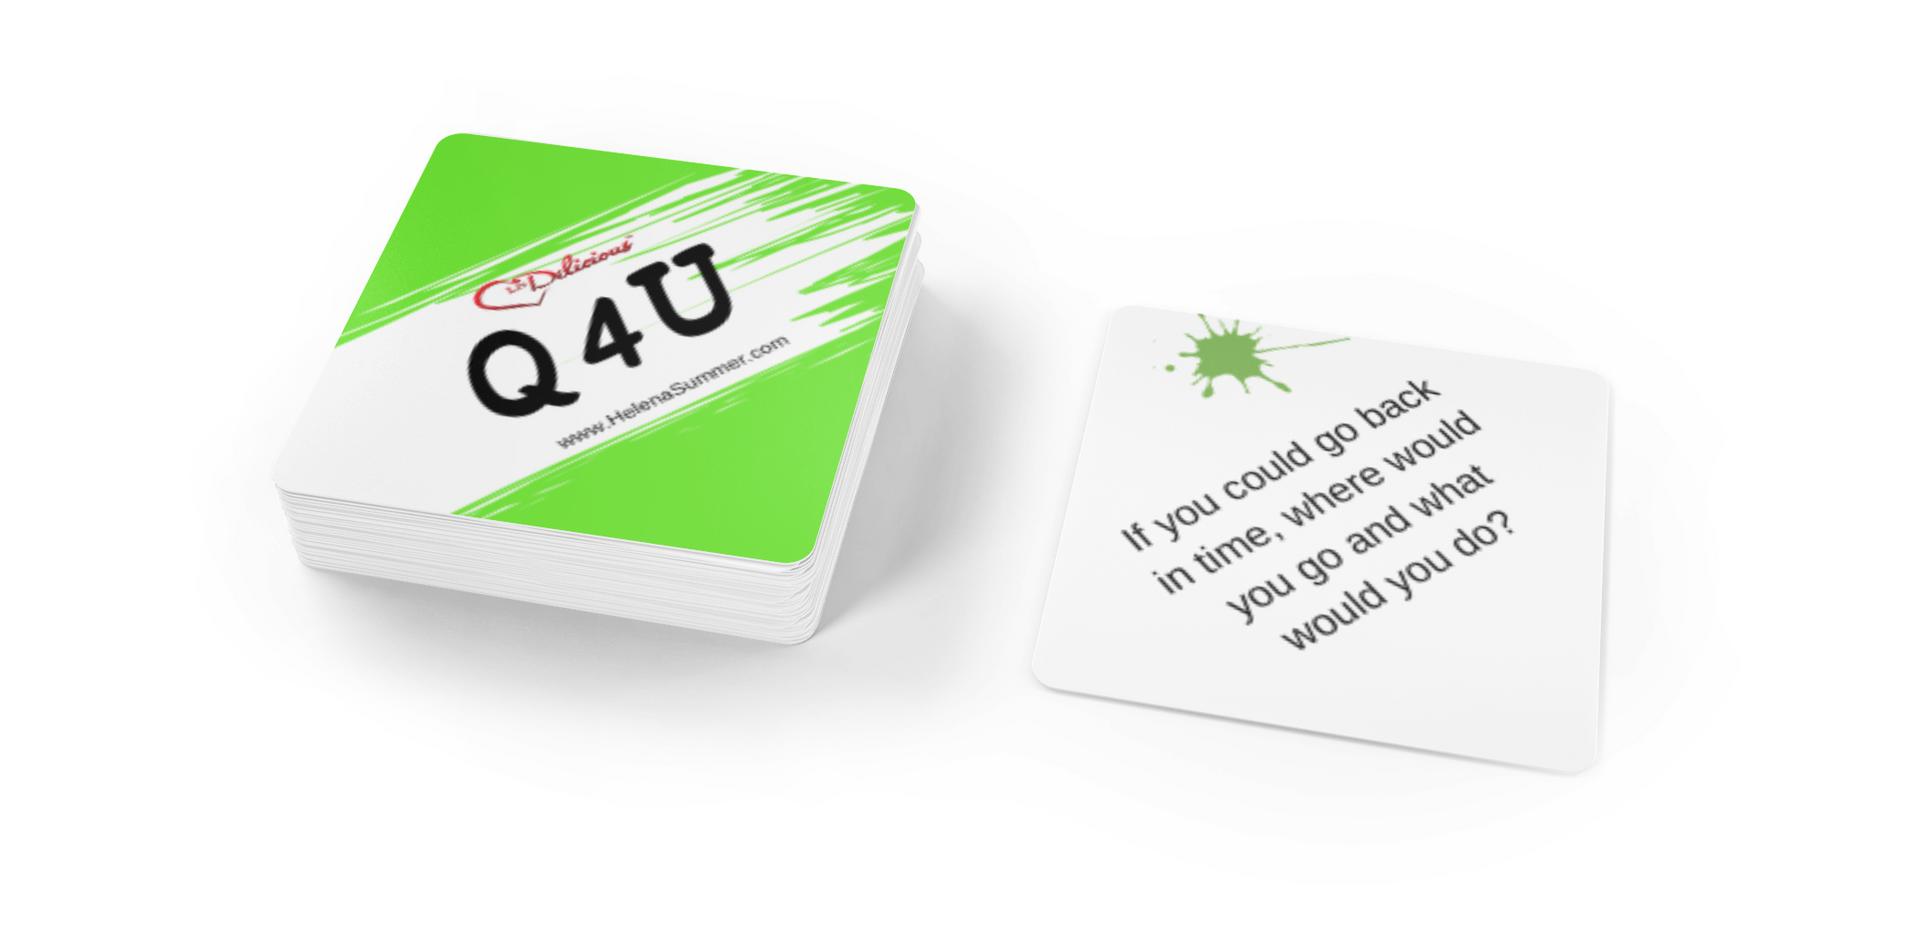 Q4U Deck